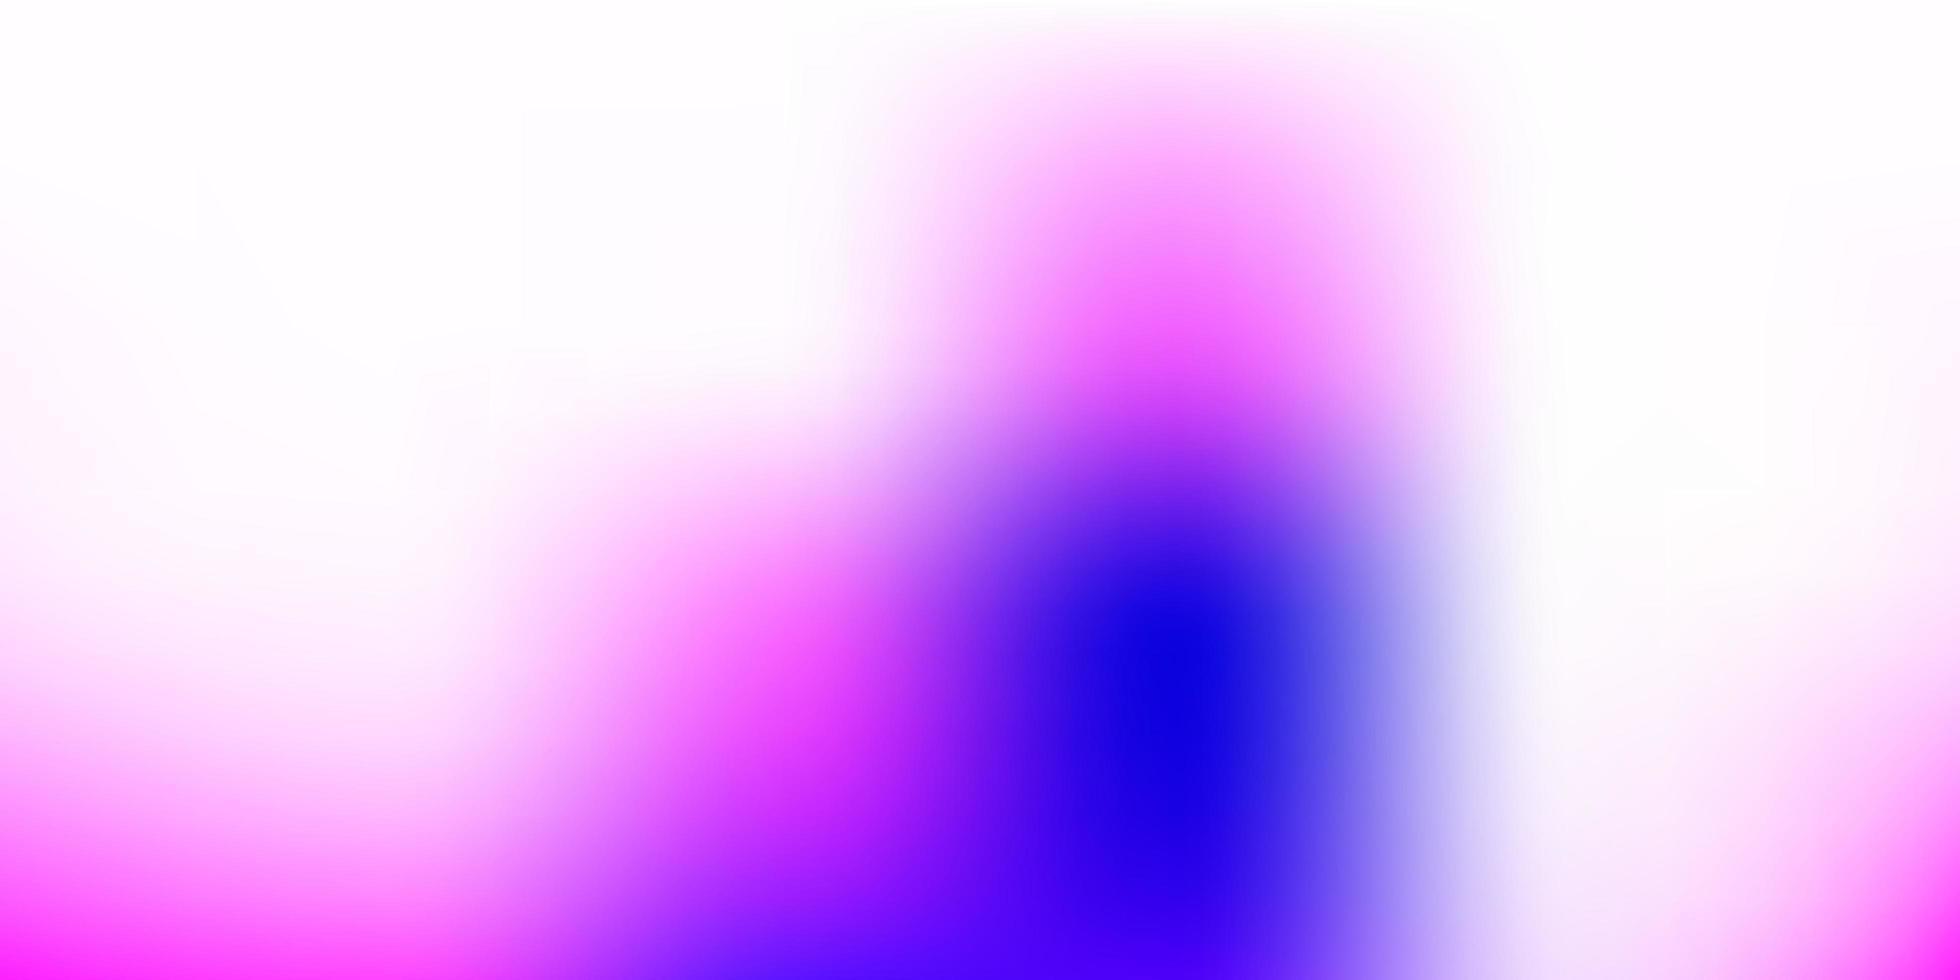 hellvioletter, rosa Hintergrund mit Farbverlauf. vektor